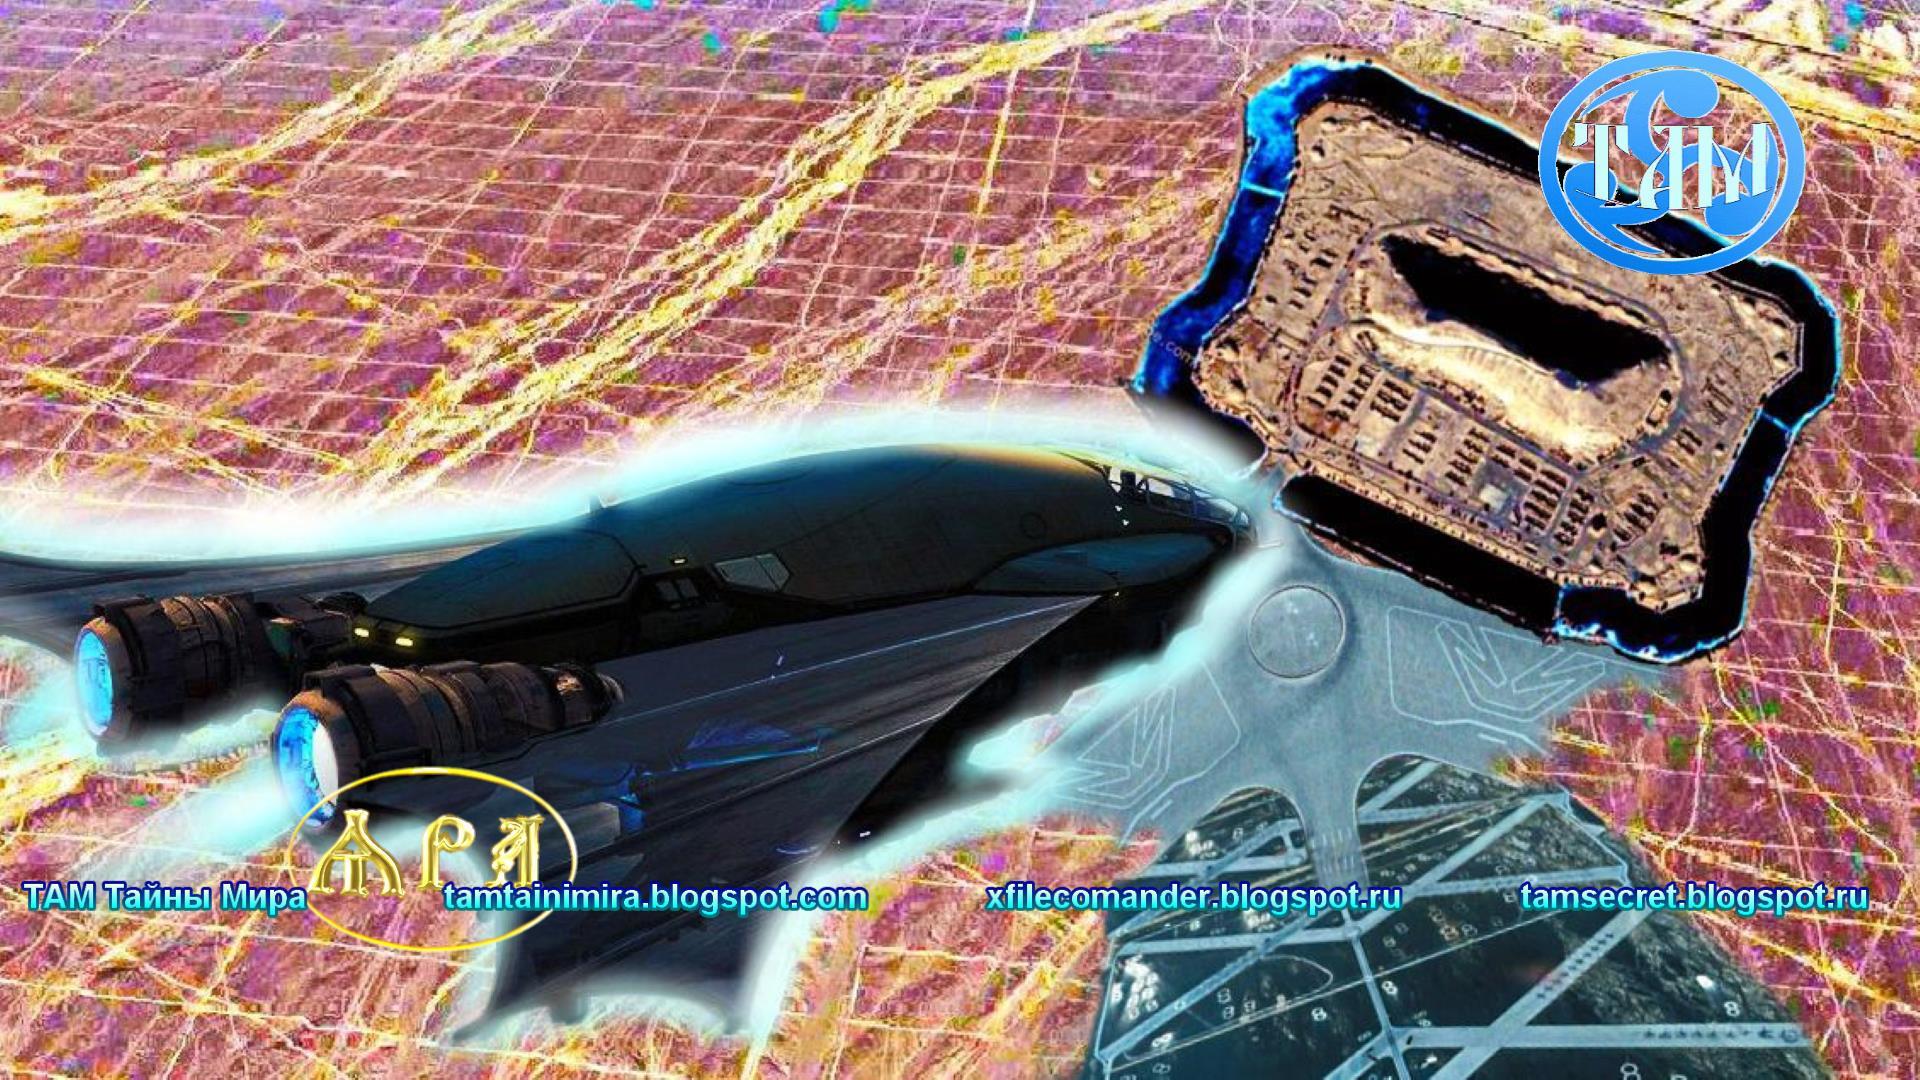 Секретная подземная База для НЛО в Китае